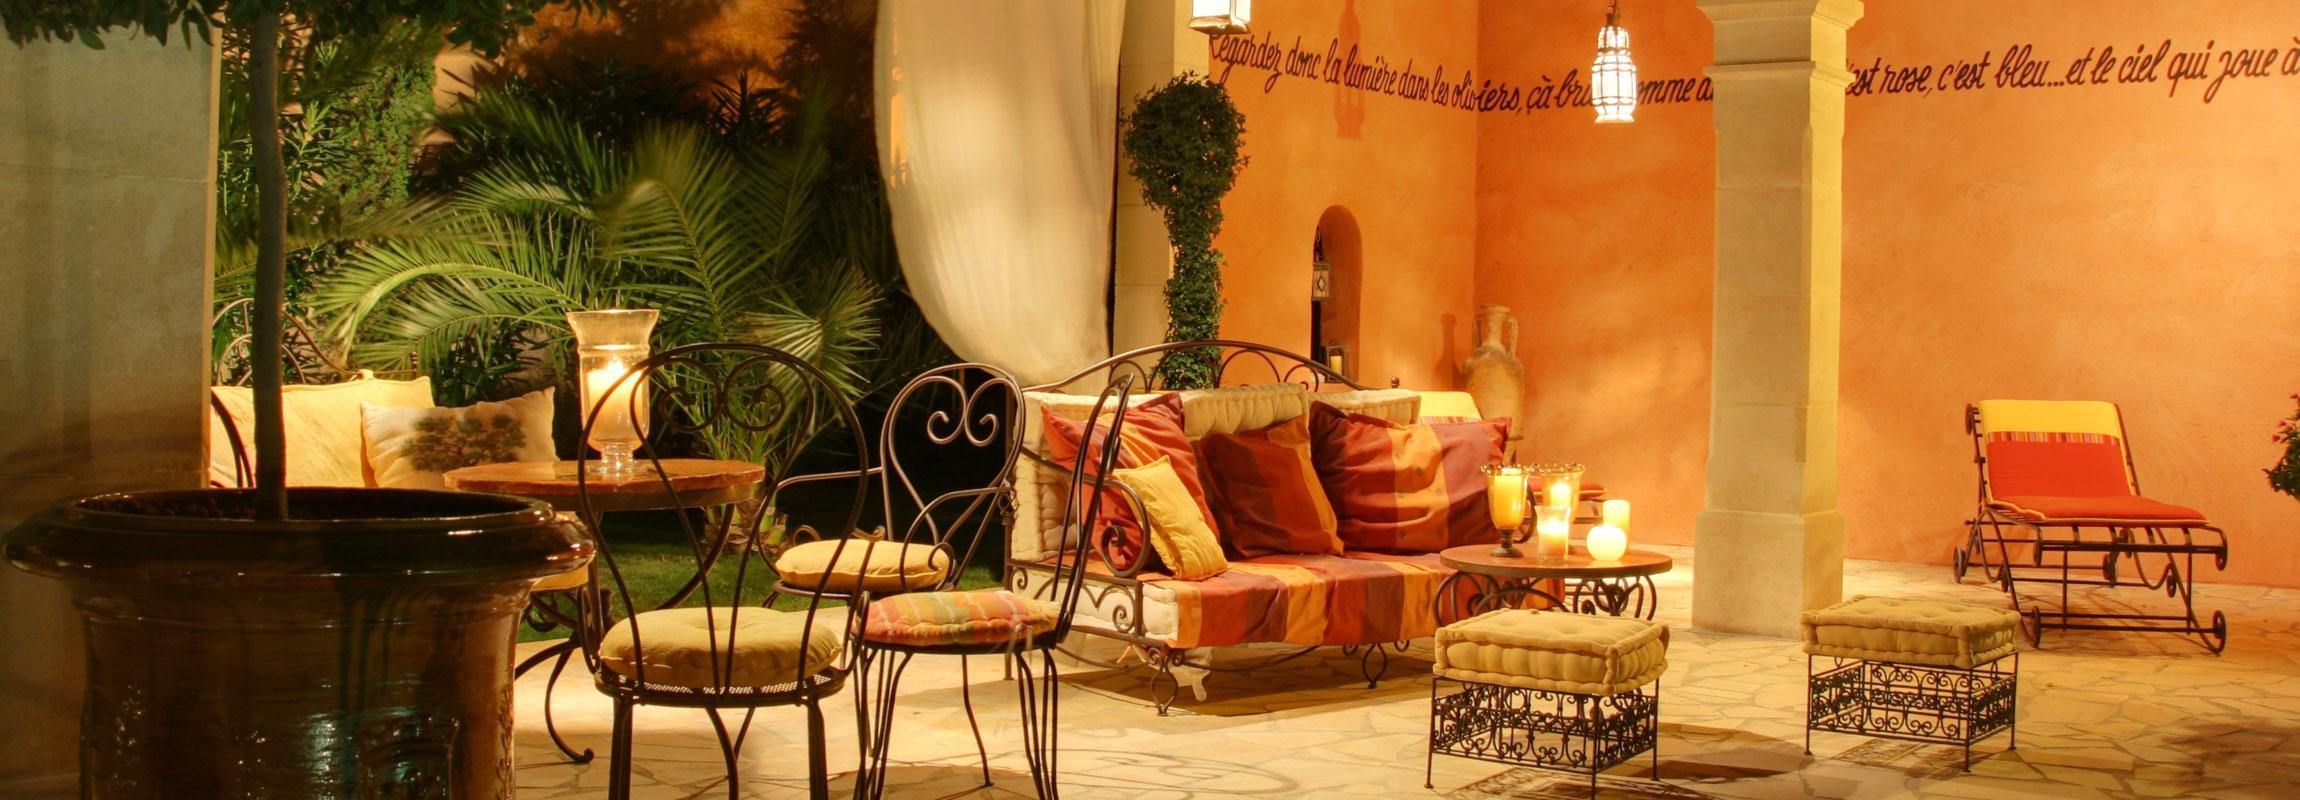 Orientalische Marokkanische Lampen Dekoration Und Möbel Bei Marrakesch